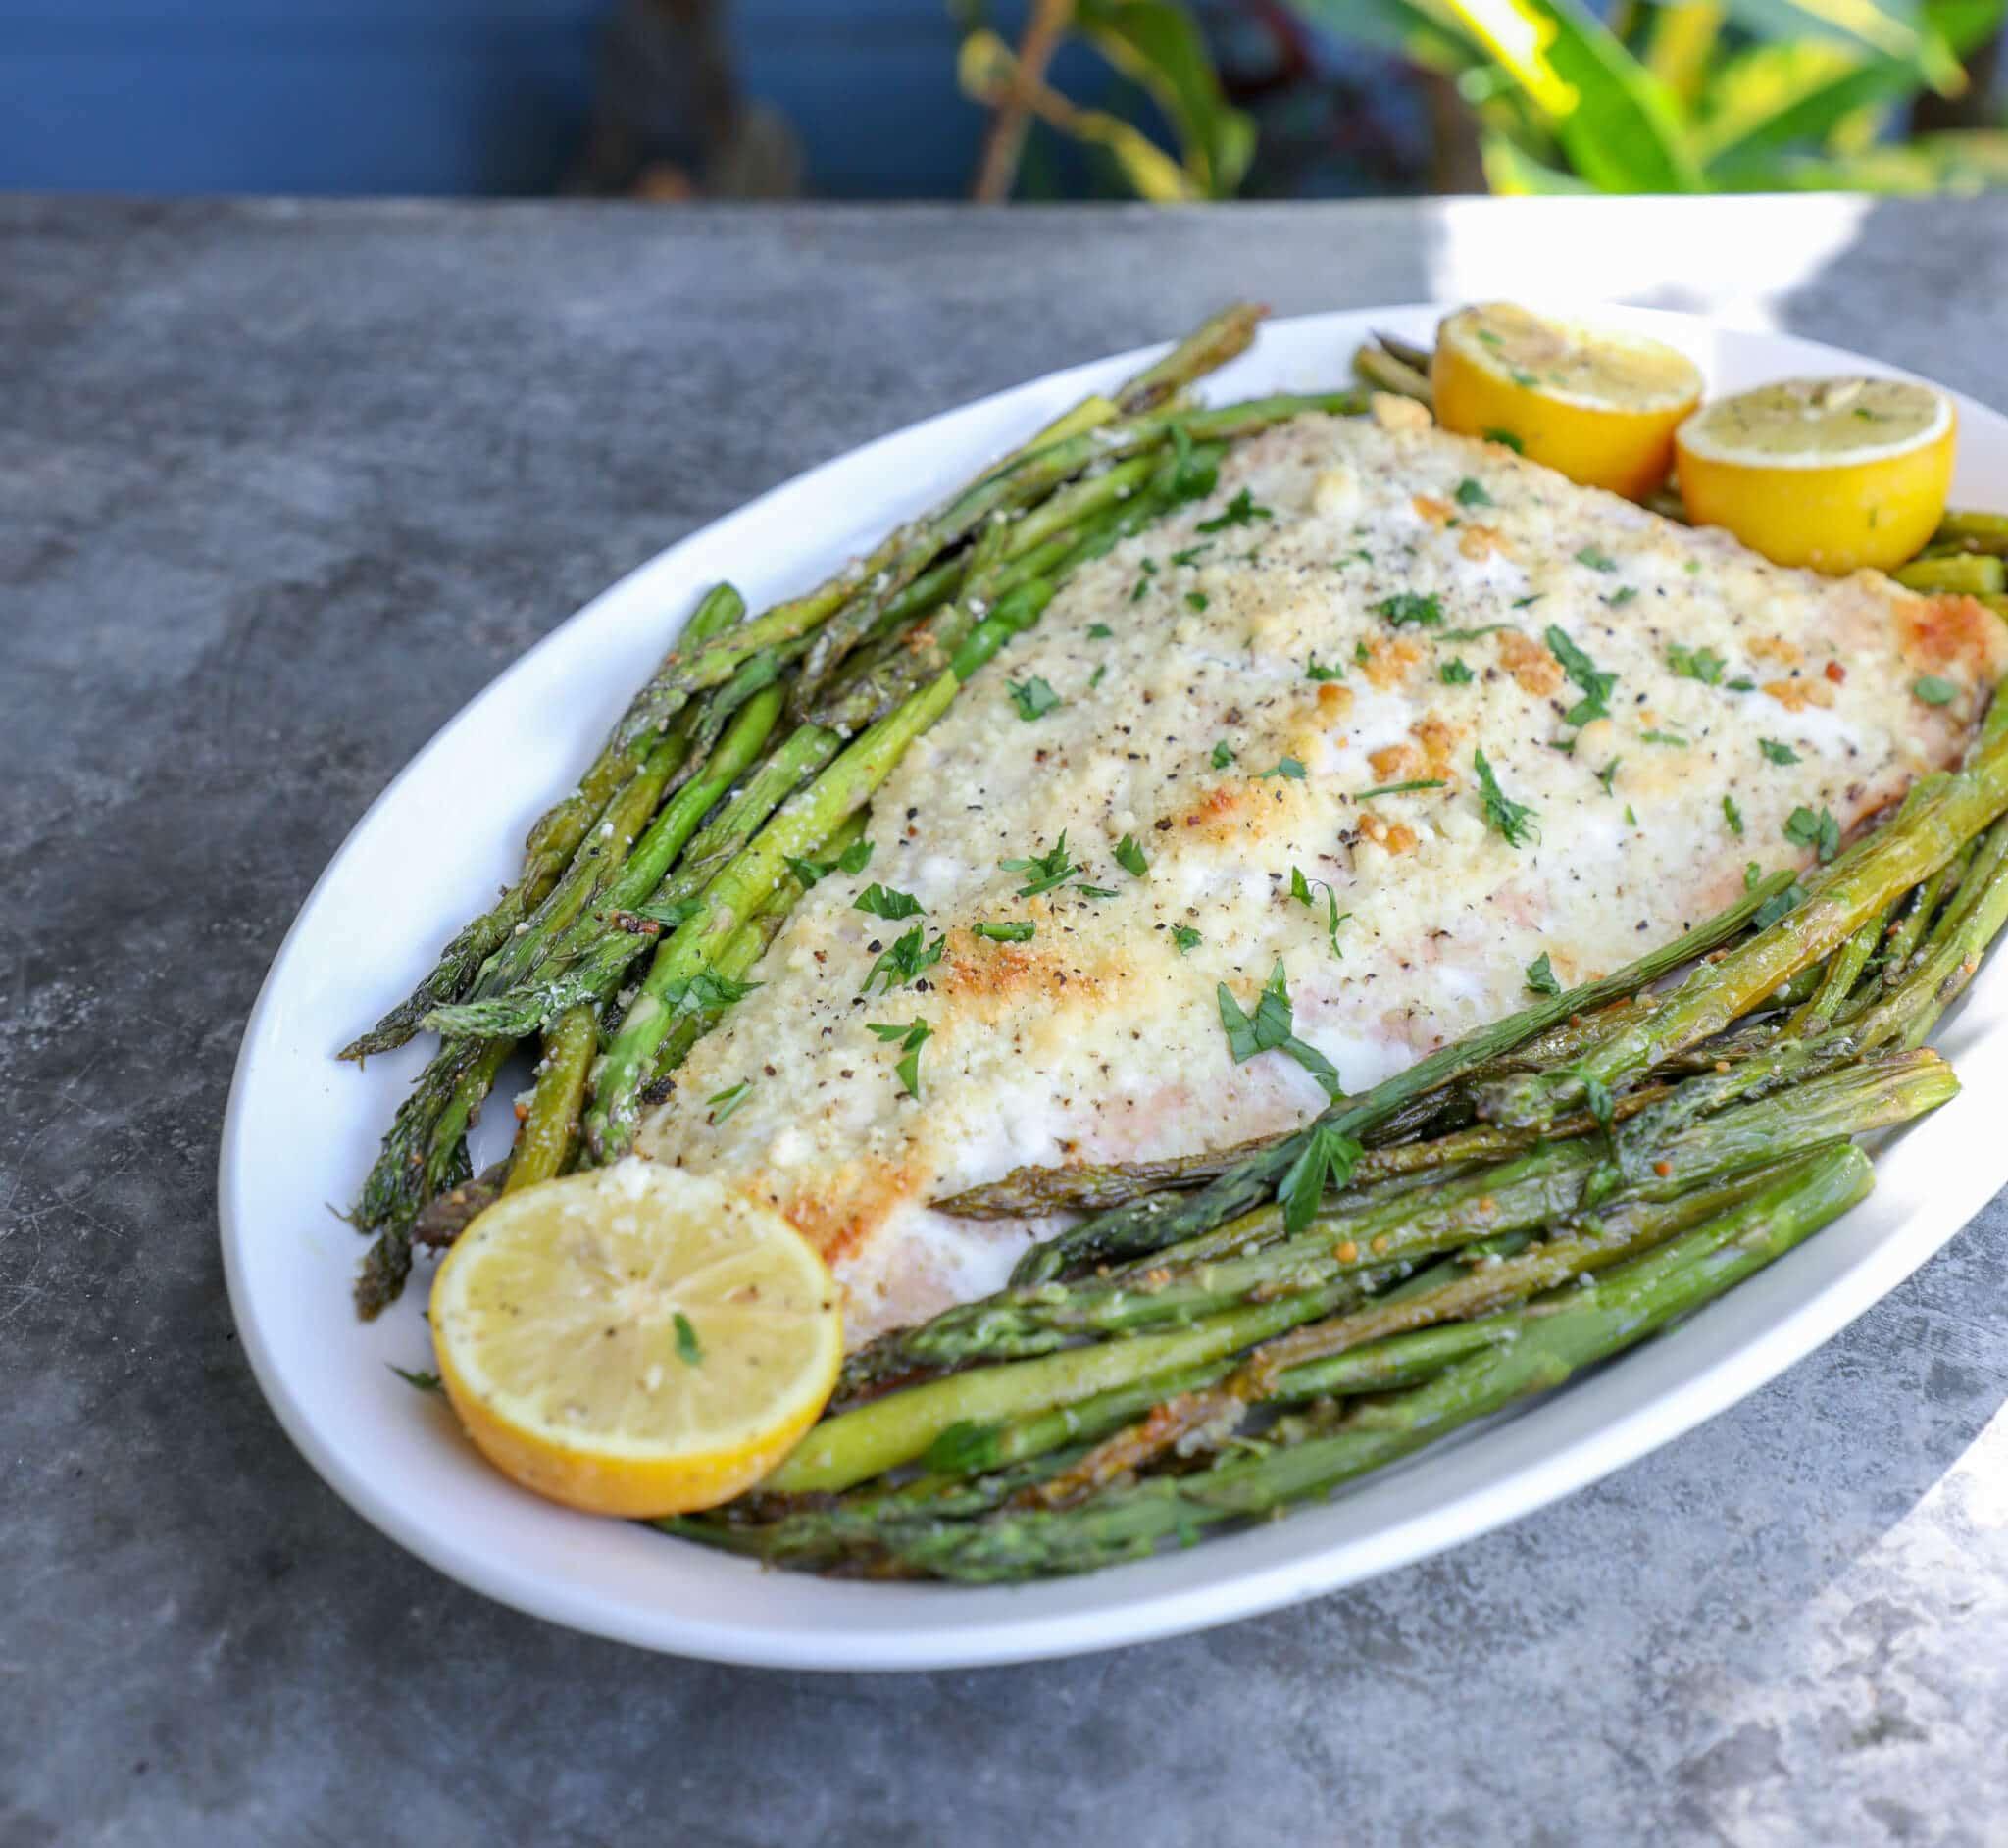 монанди блюда из рыбного филе рецепты с фото узнать